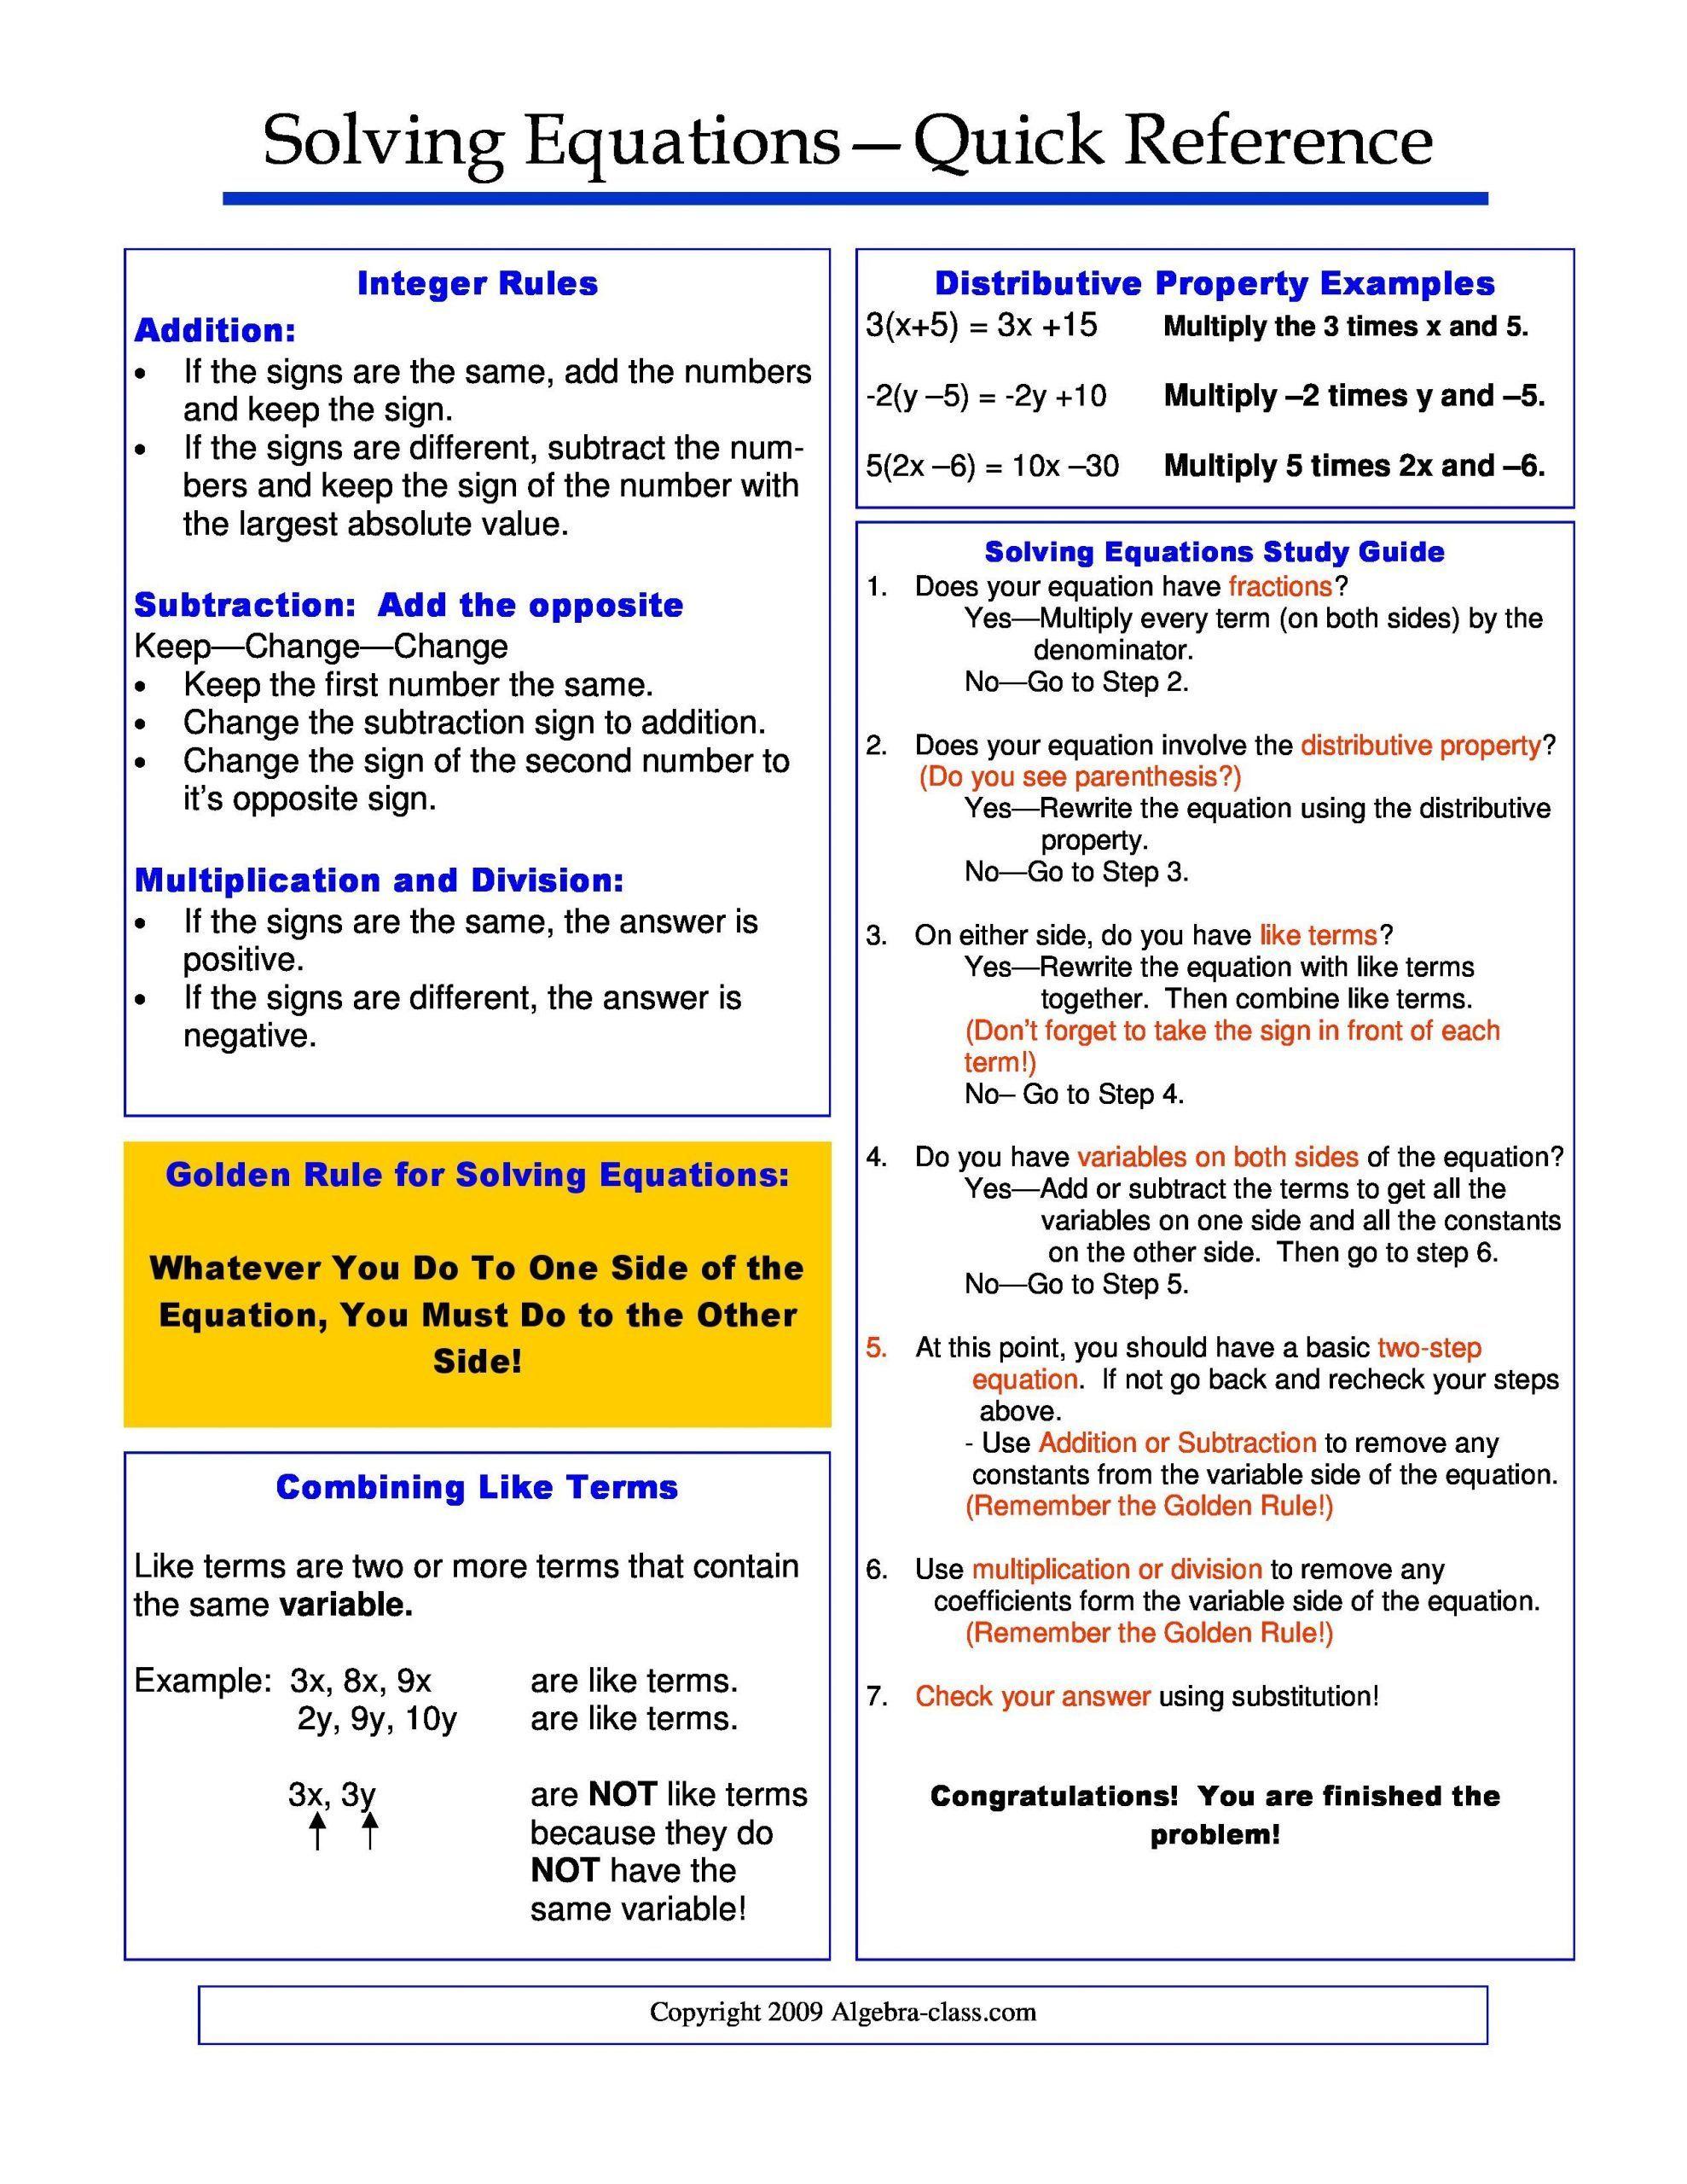 20 Third Grade Writing Worksheet Printable Worksheet Template Solving Equations Teaching Algebra Algebra Help